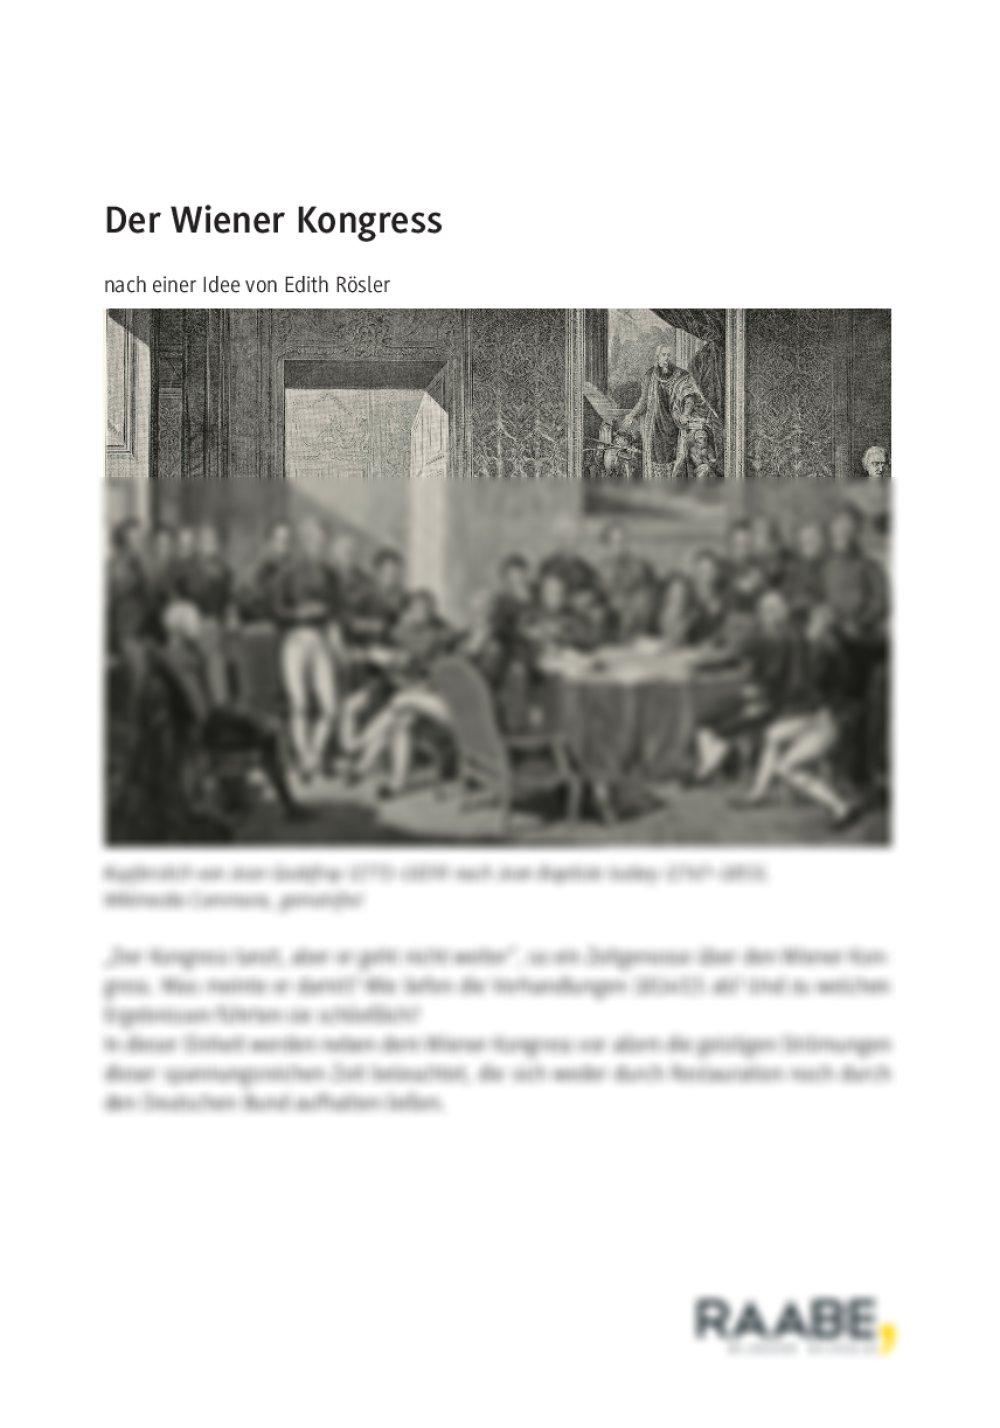 Der Wiener Kongress - Seite 1